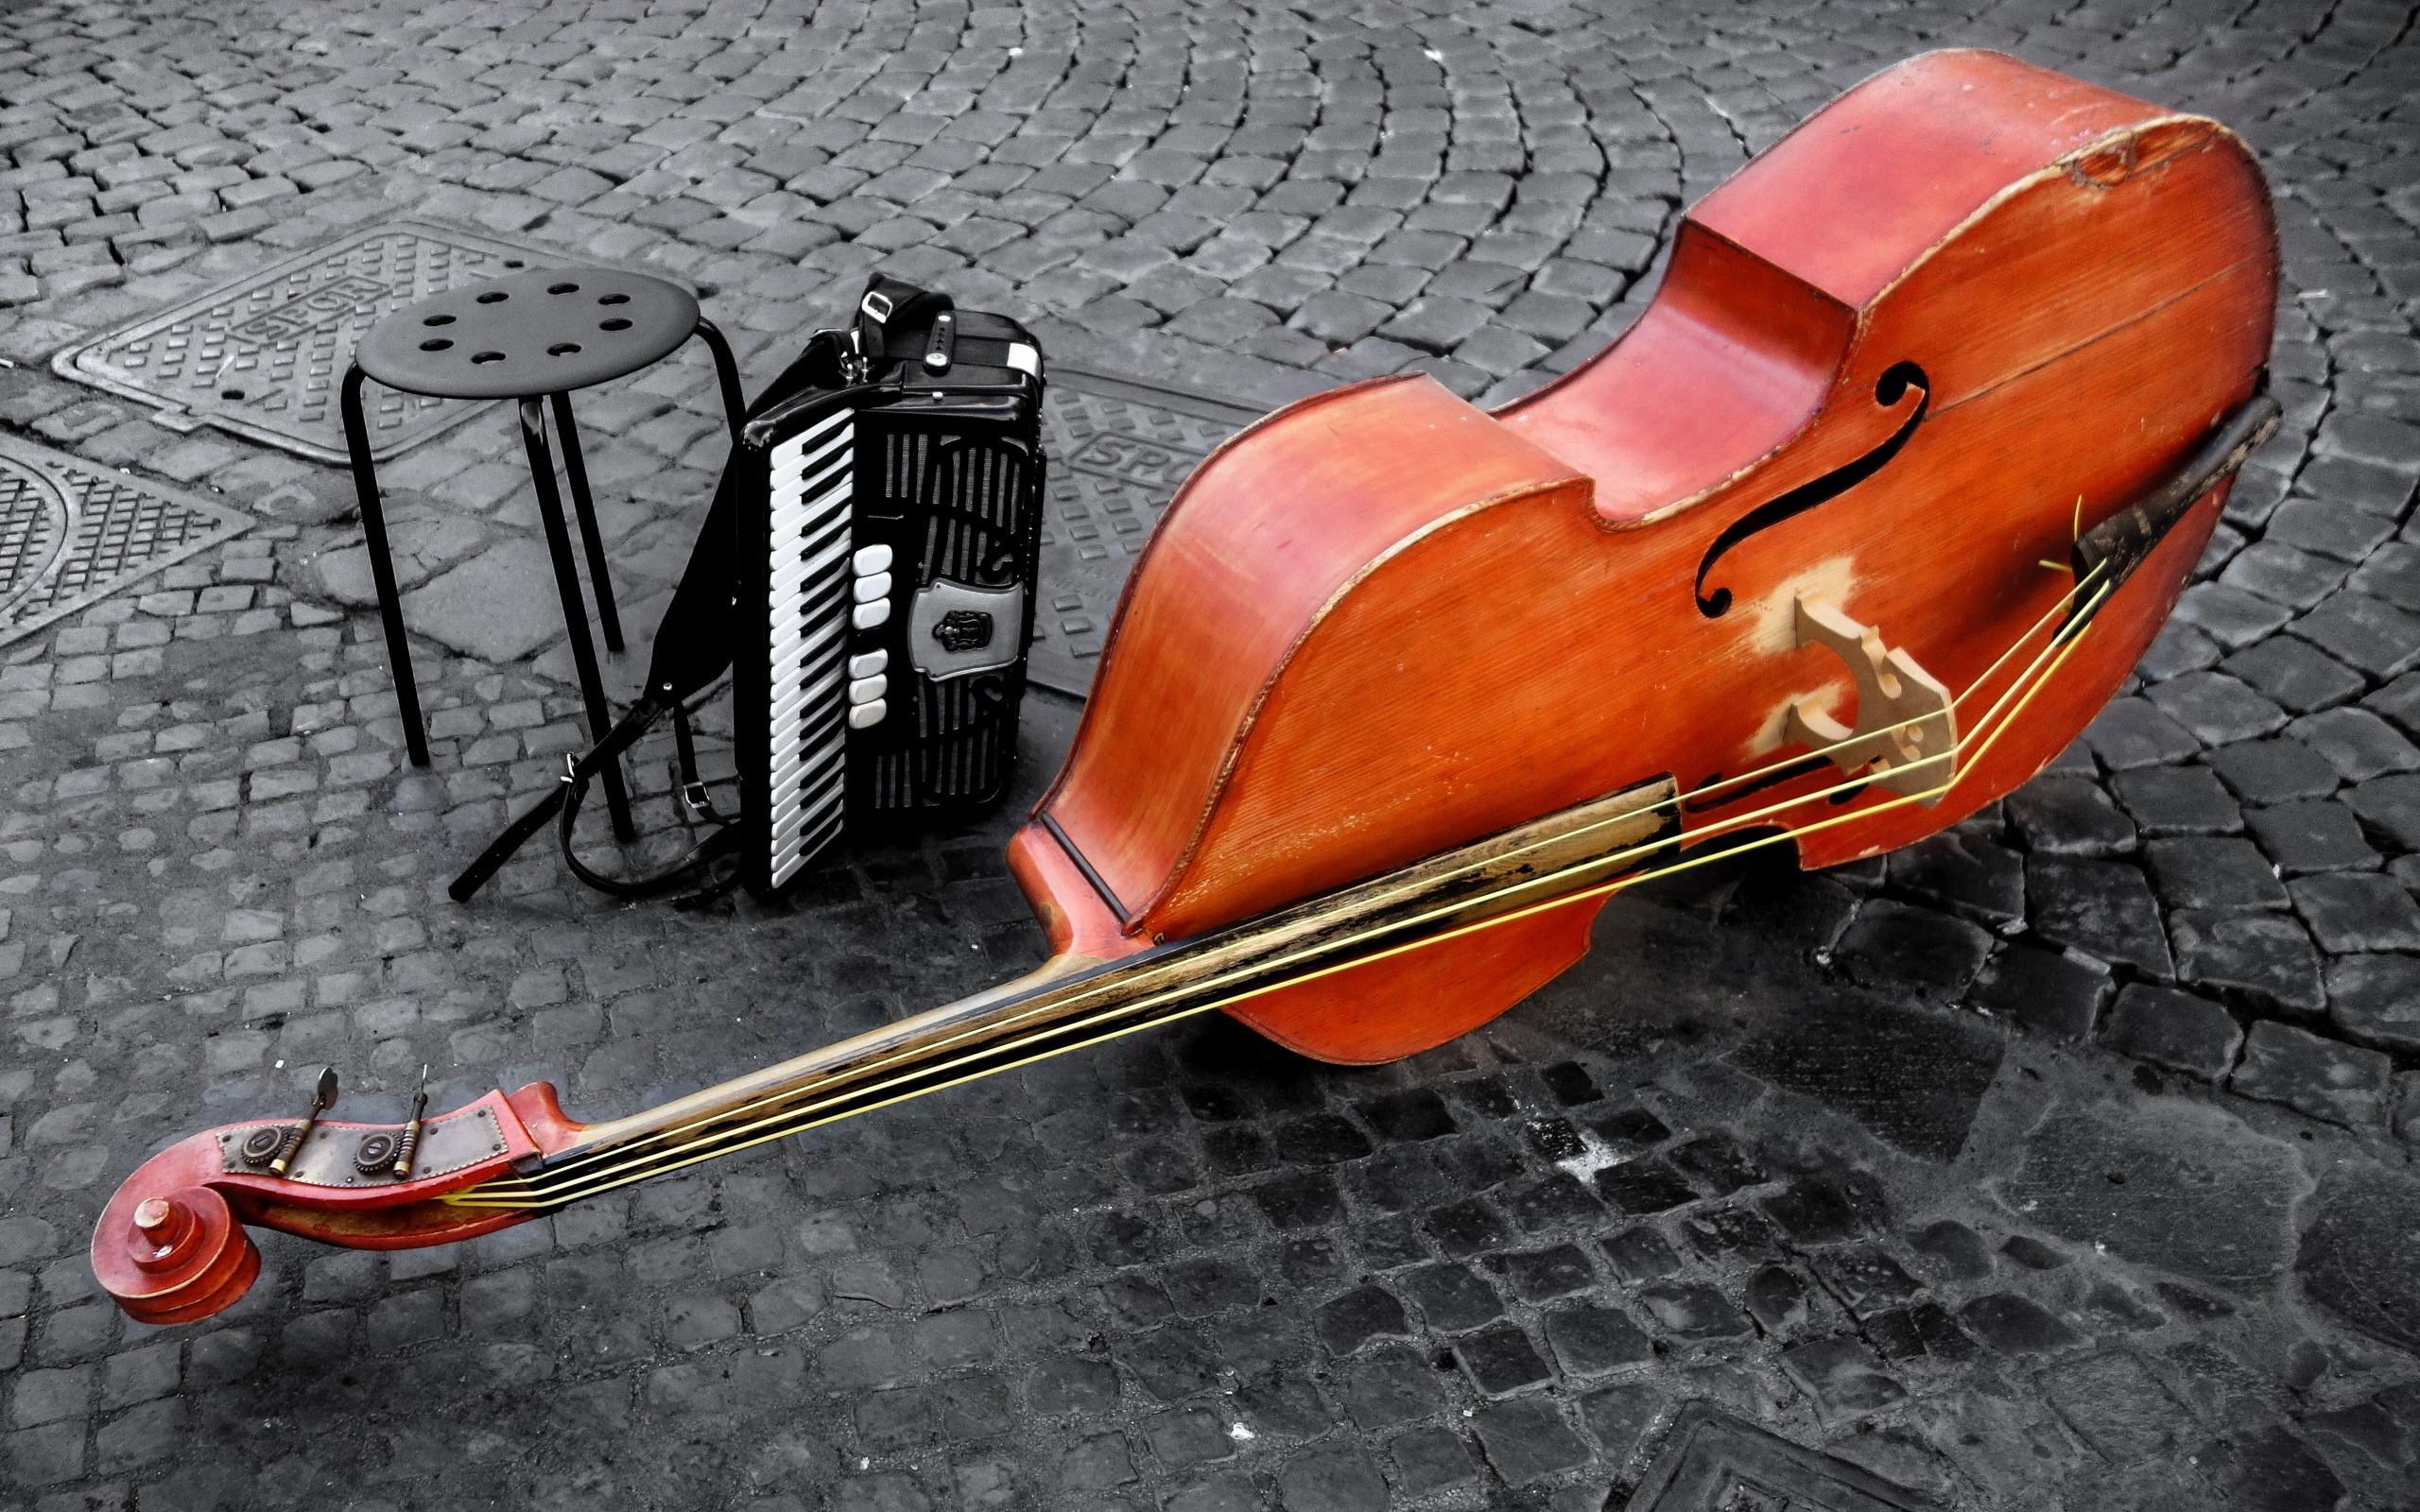 Res: 2560x1600, Wallpaper: Cello